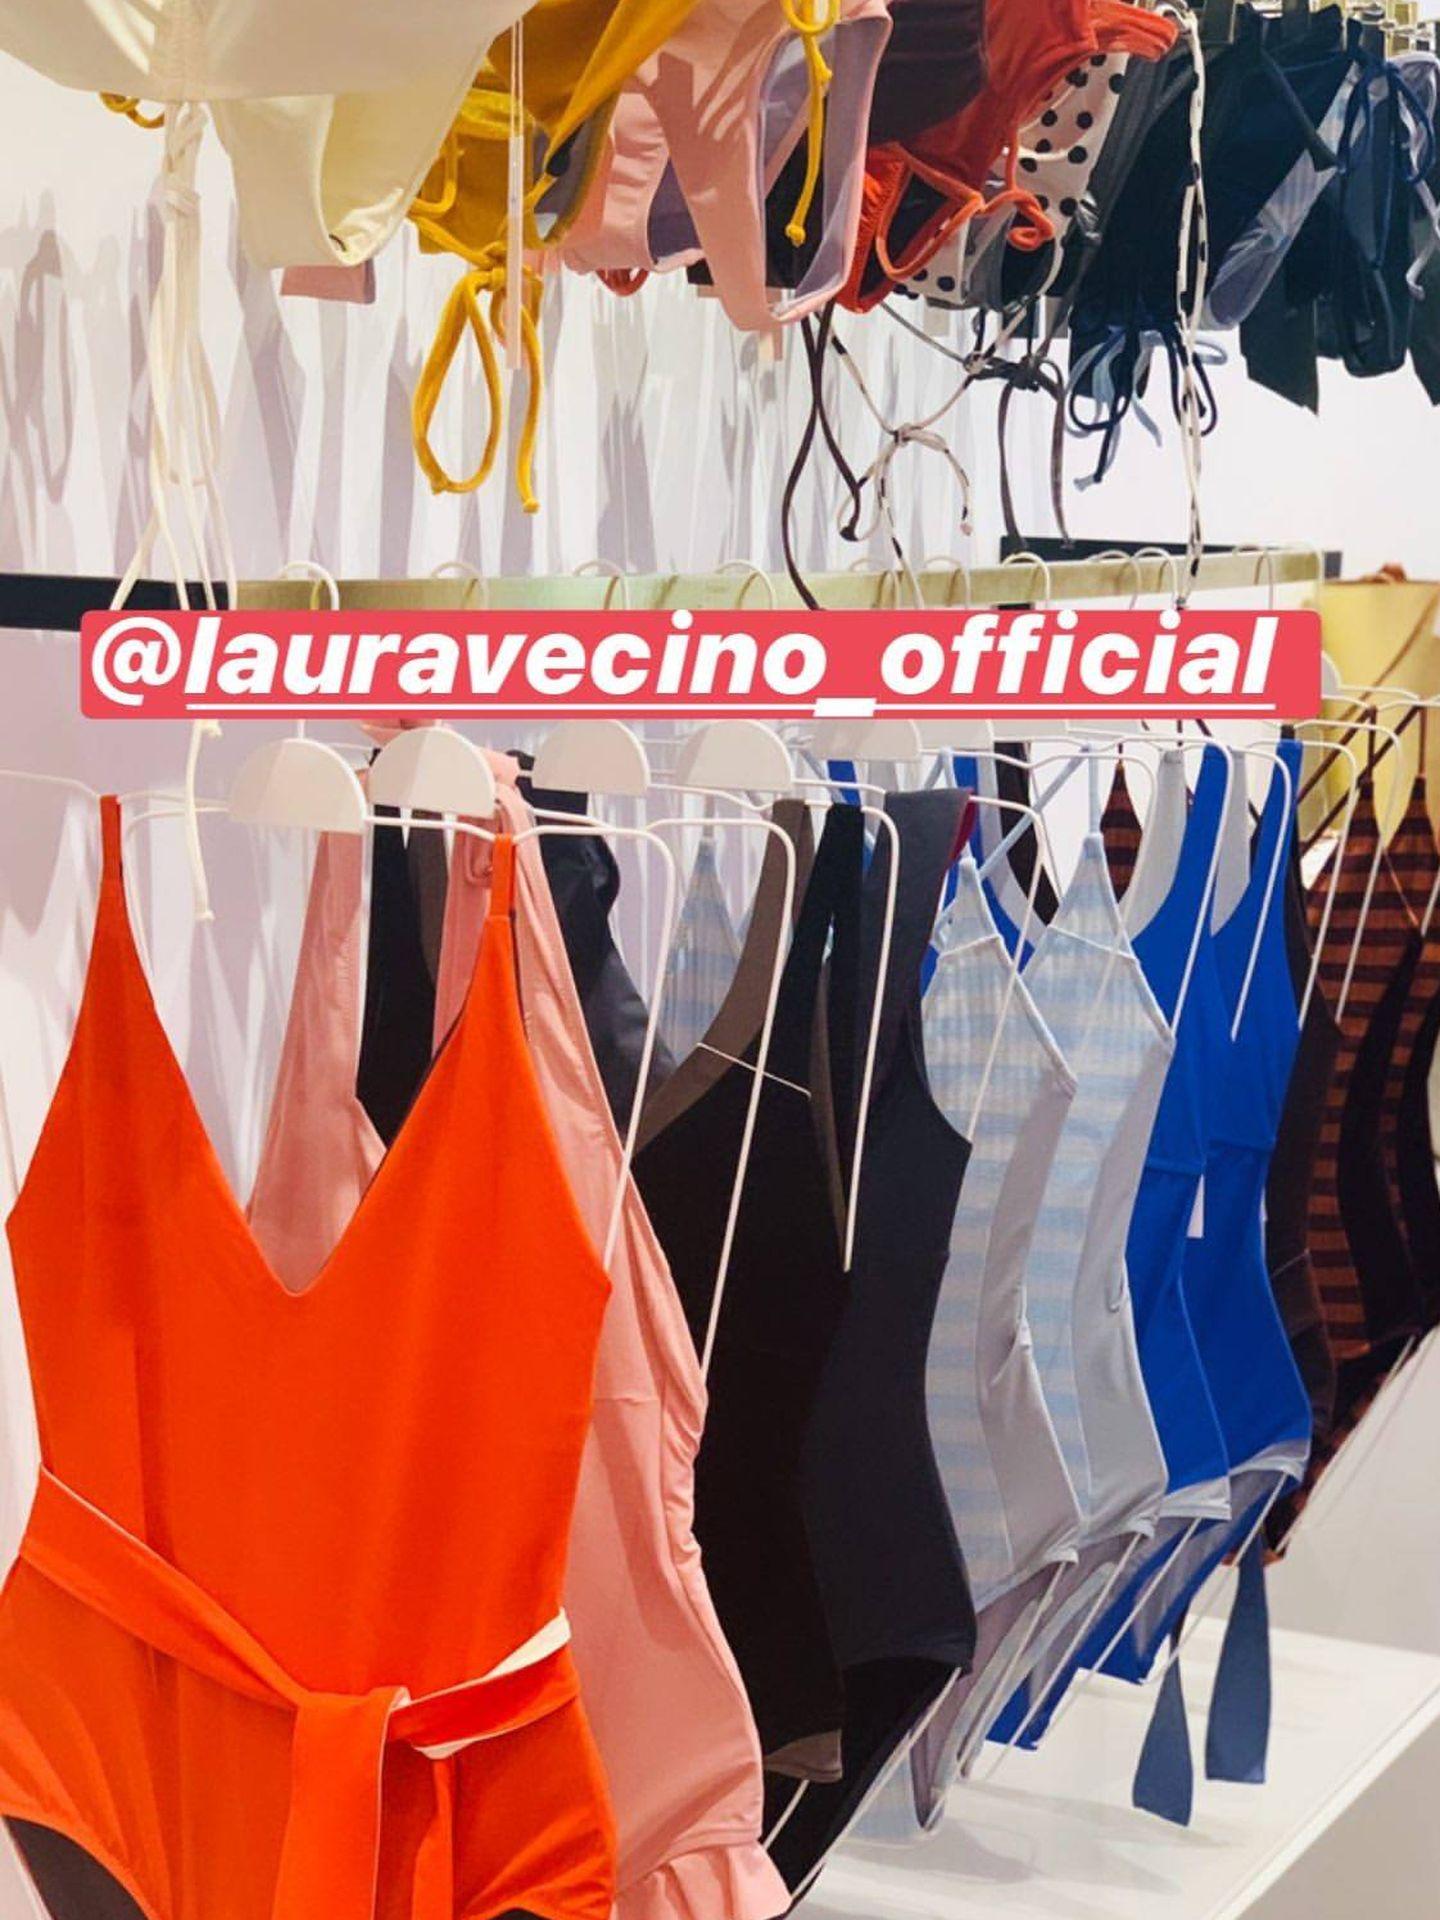 Detalle de la tienda de Laura Vecino. (@andreapascual)